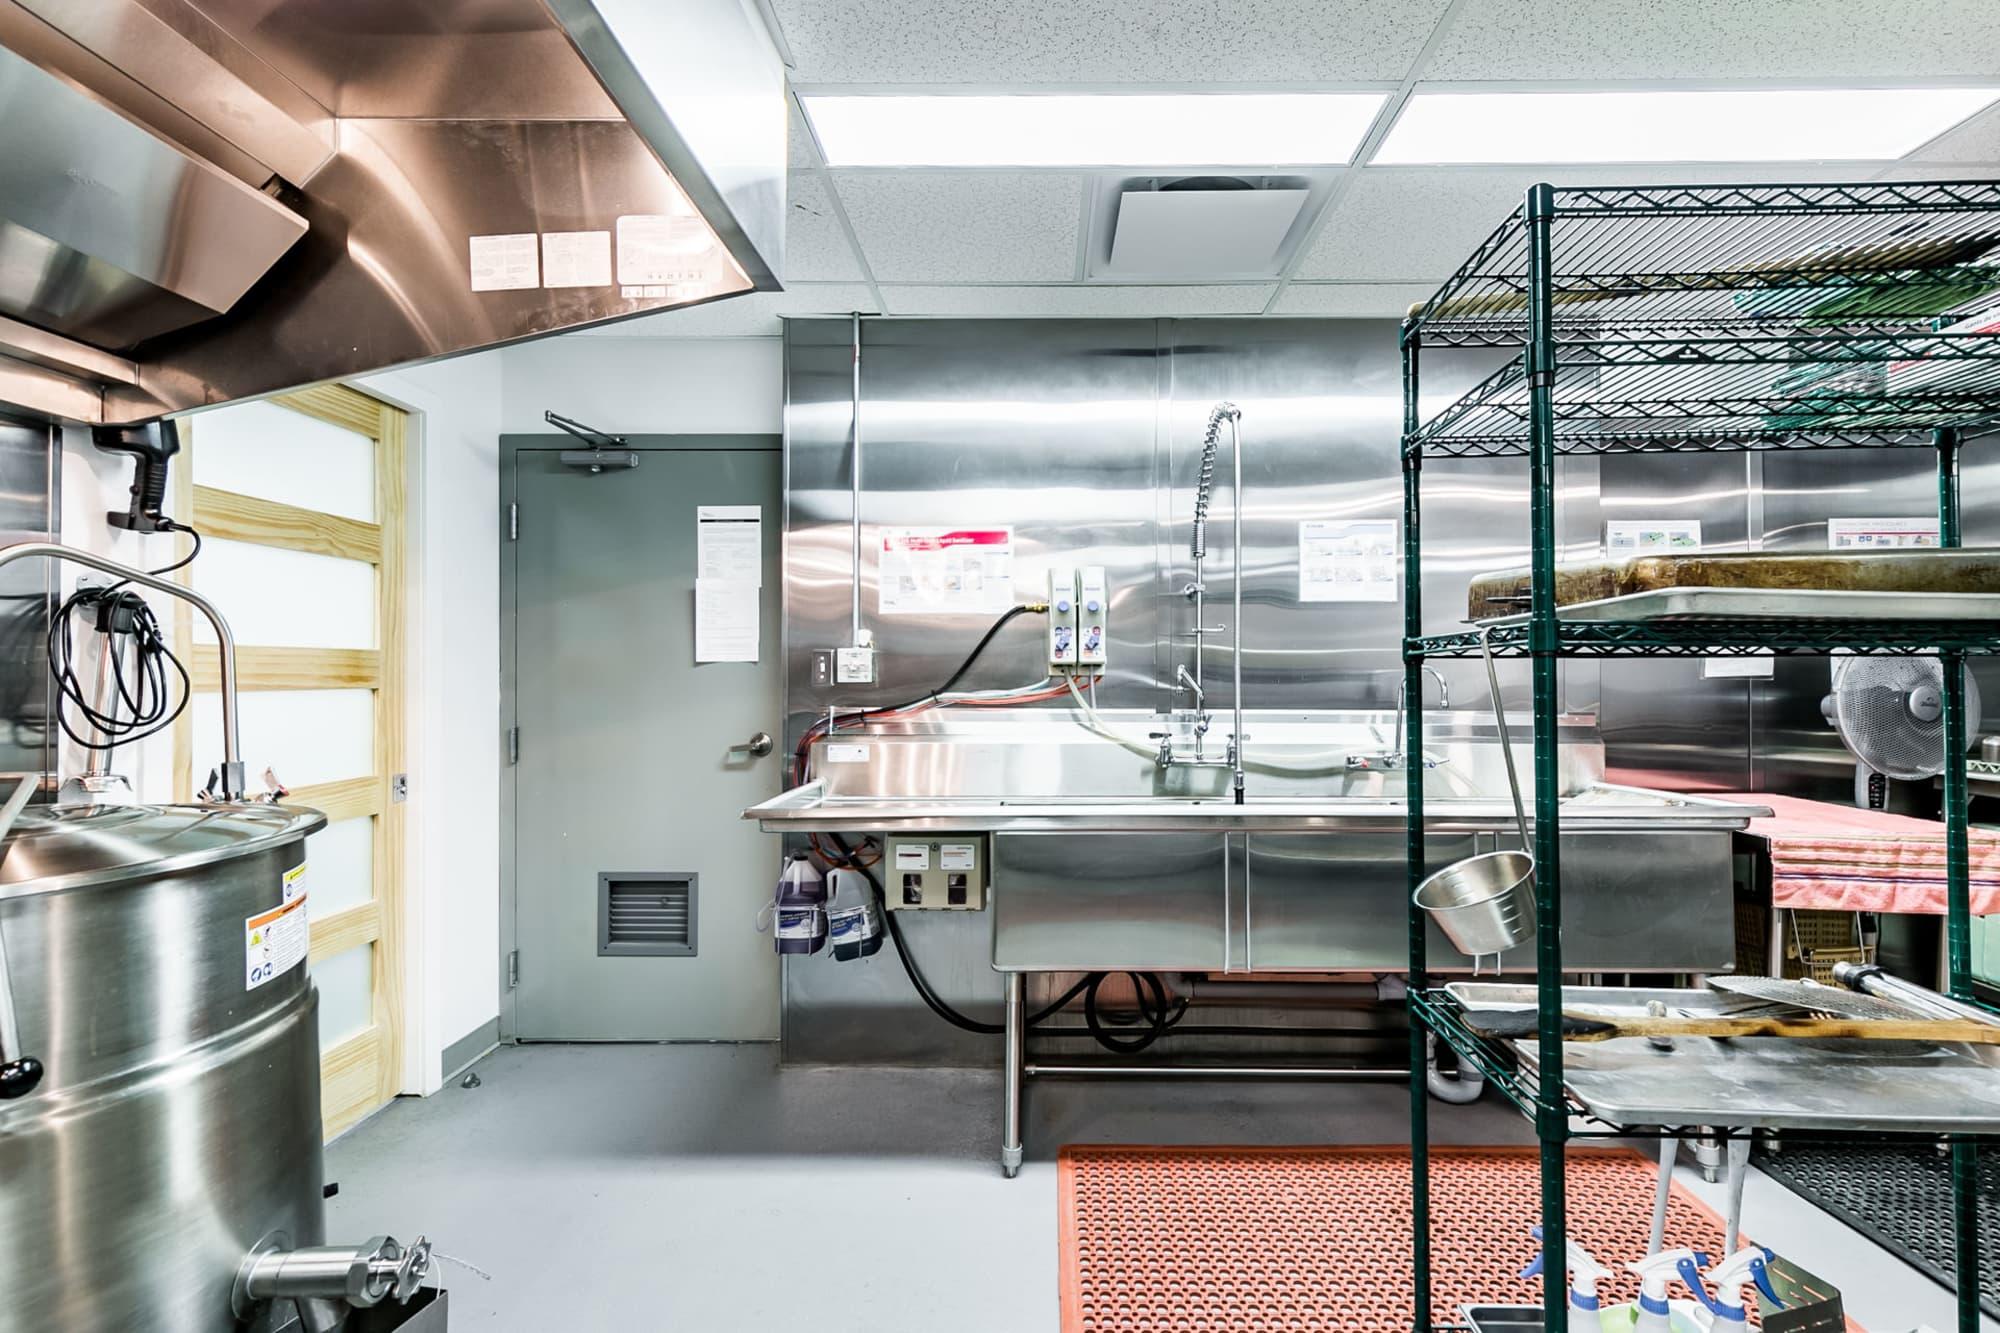 équipement de cuisine industrielle avec lavabos en stainless